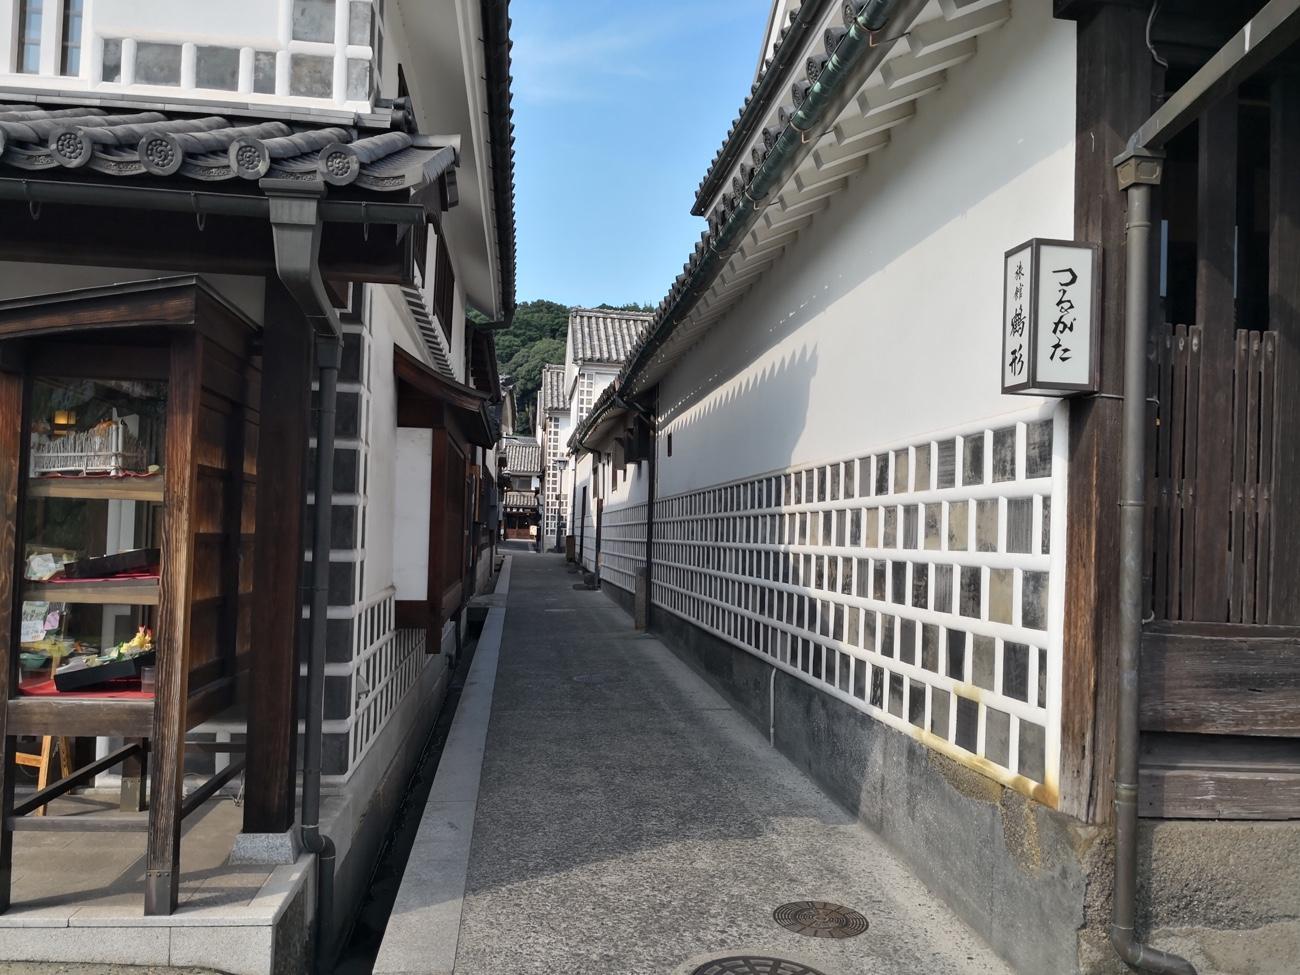 倉敷美観地区ガイド 歩き方 なまこ壁の場所